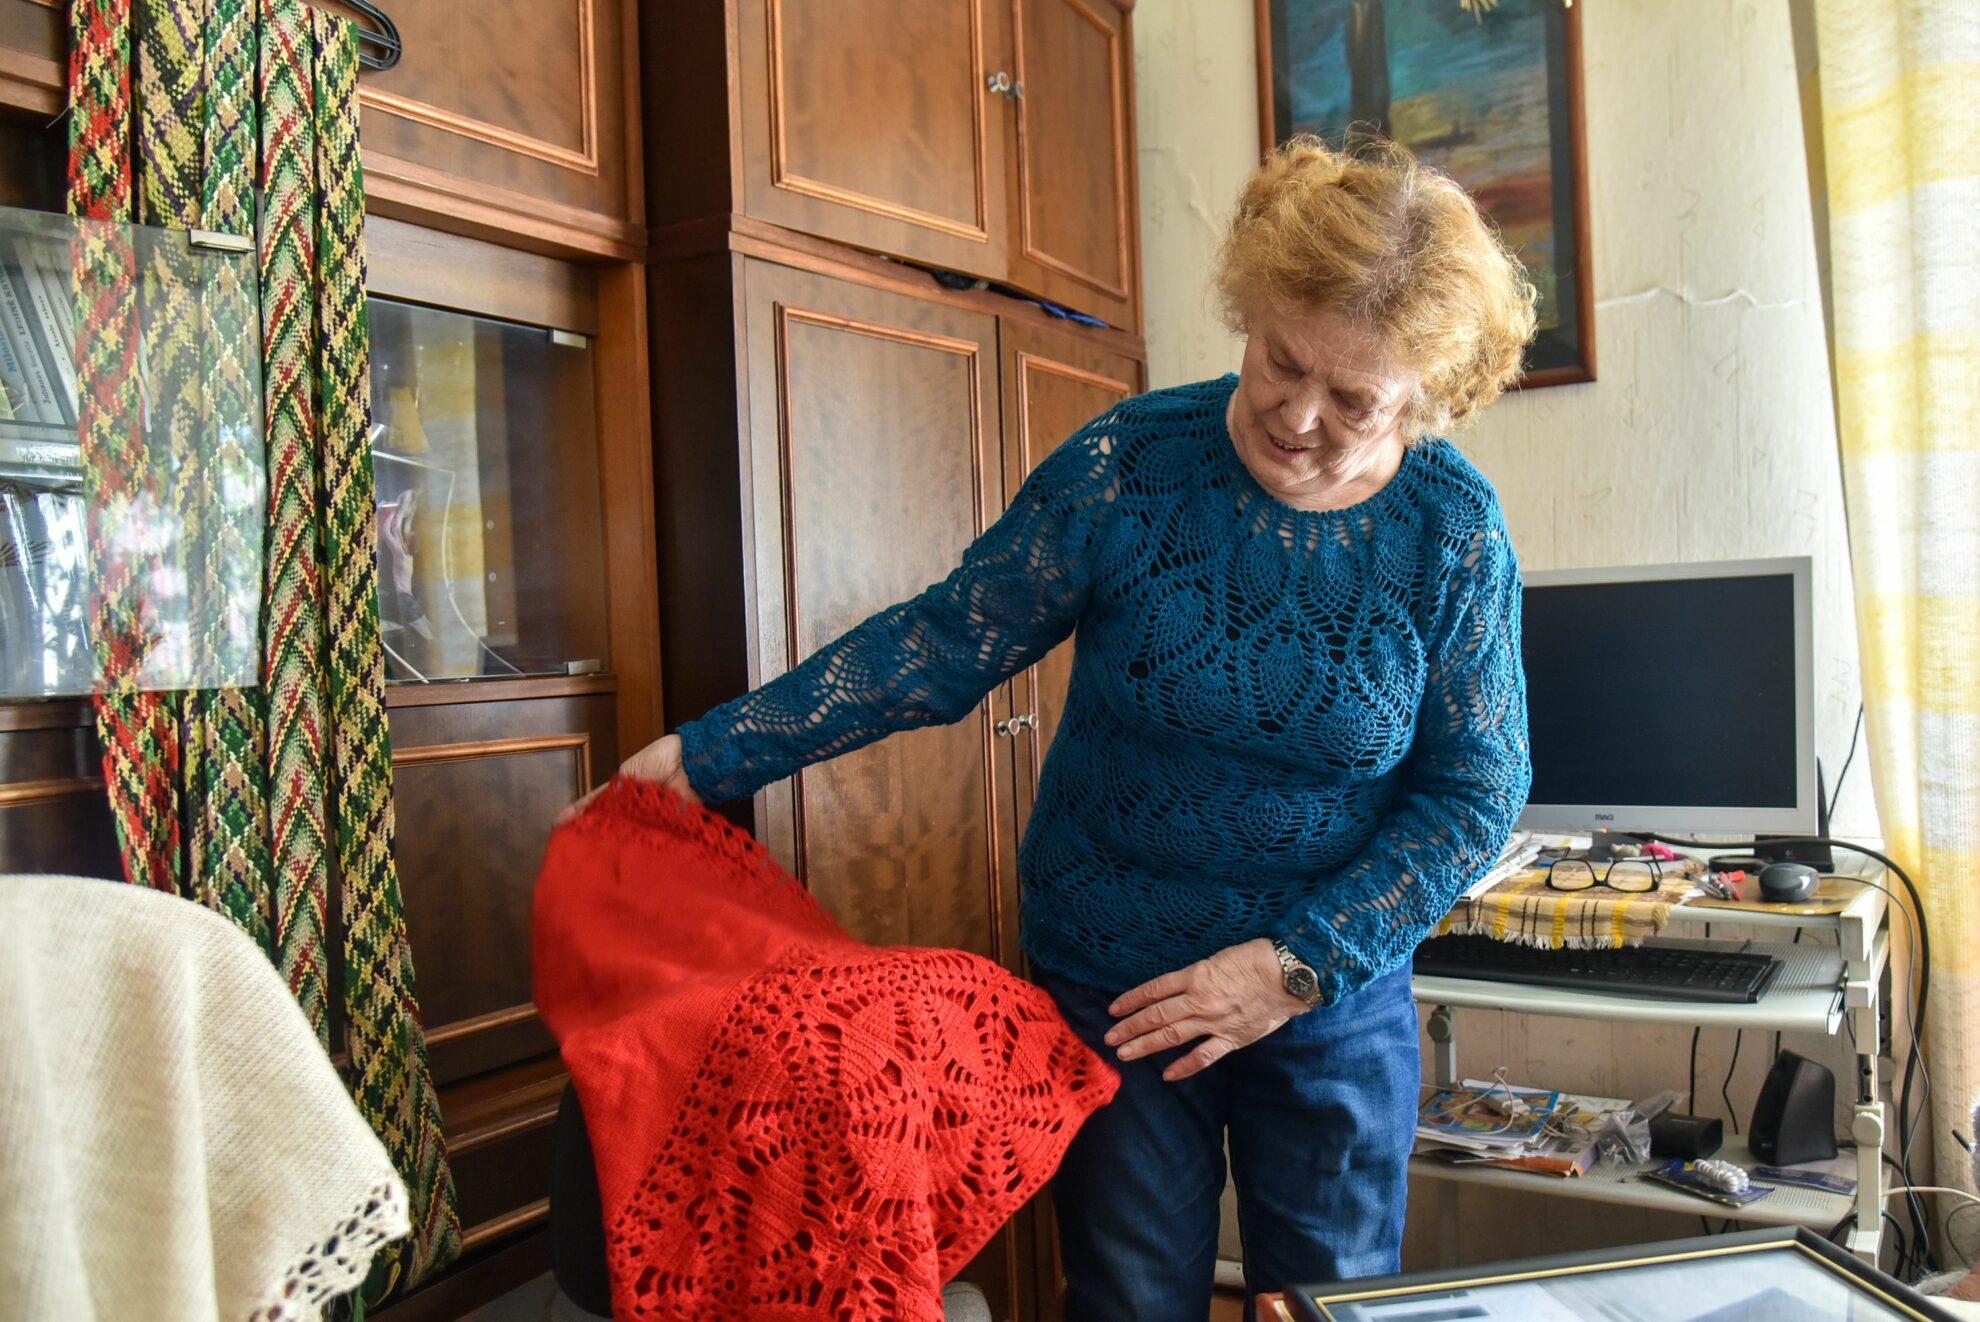 Alės Gegelevičienės kūrybos aruoduose – įvairiausi tekstilės darbai. P. Židonio nuotr.